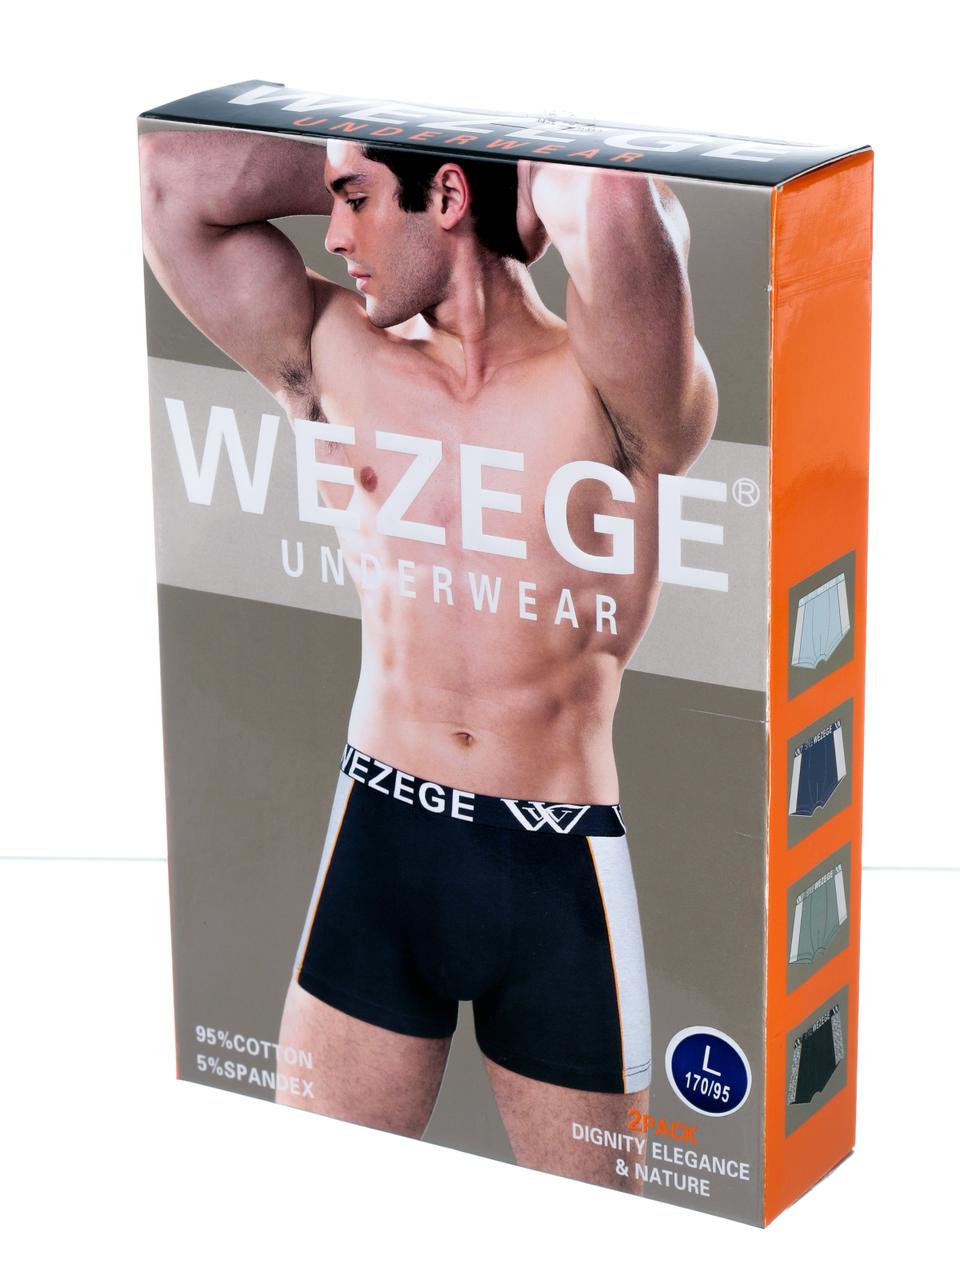 Трусы мужские боксеры Wezege 9783. Набор из 2 штук в размере 3XL